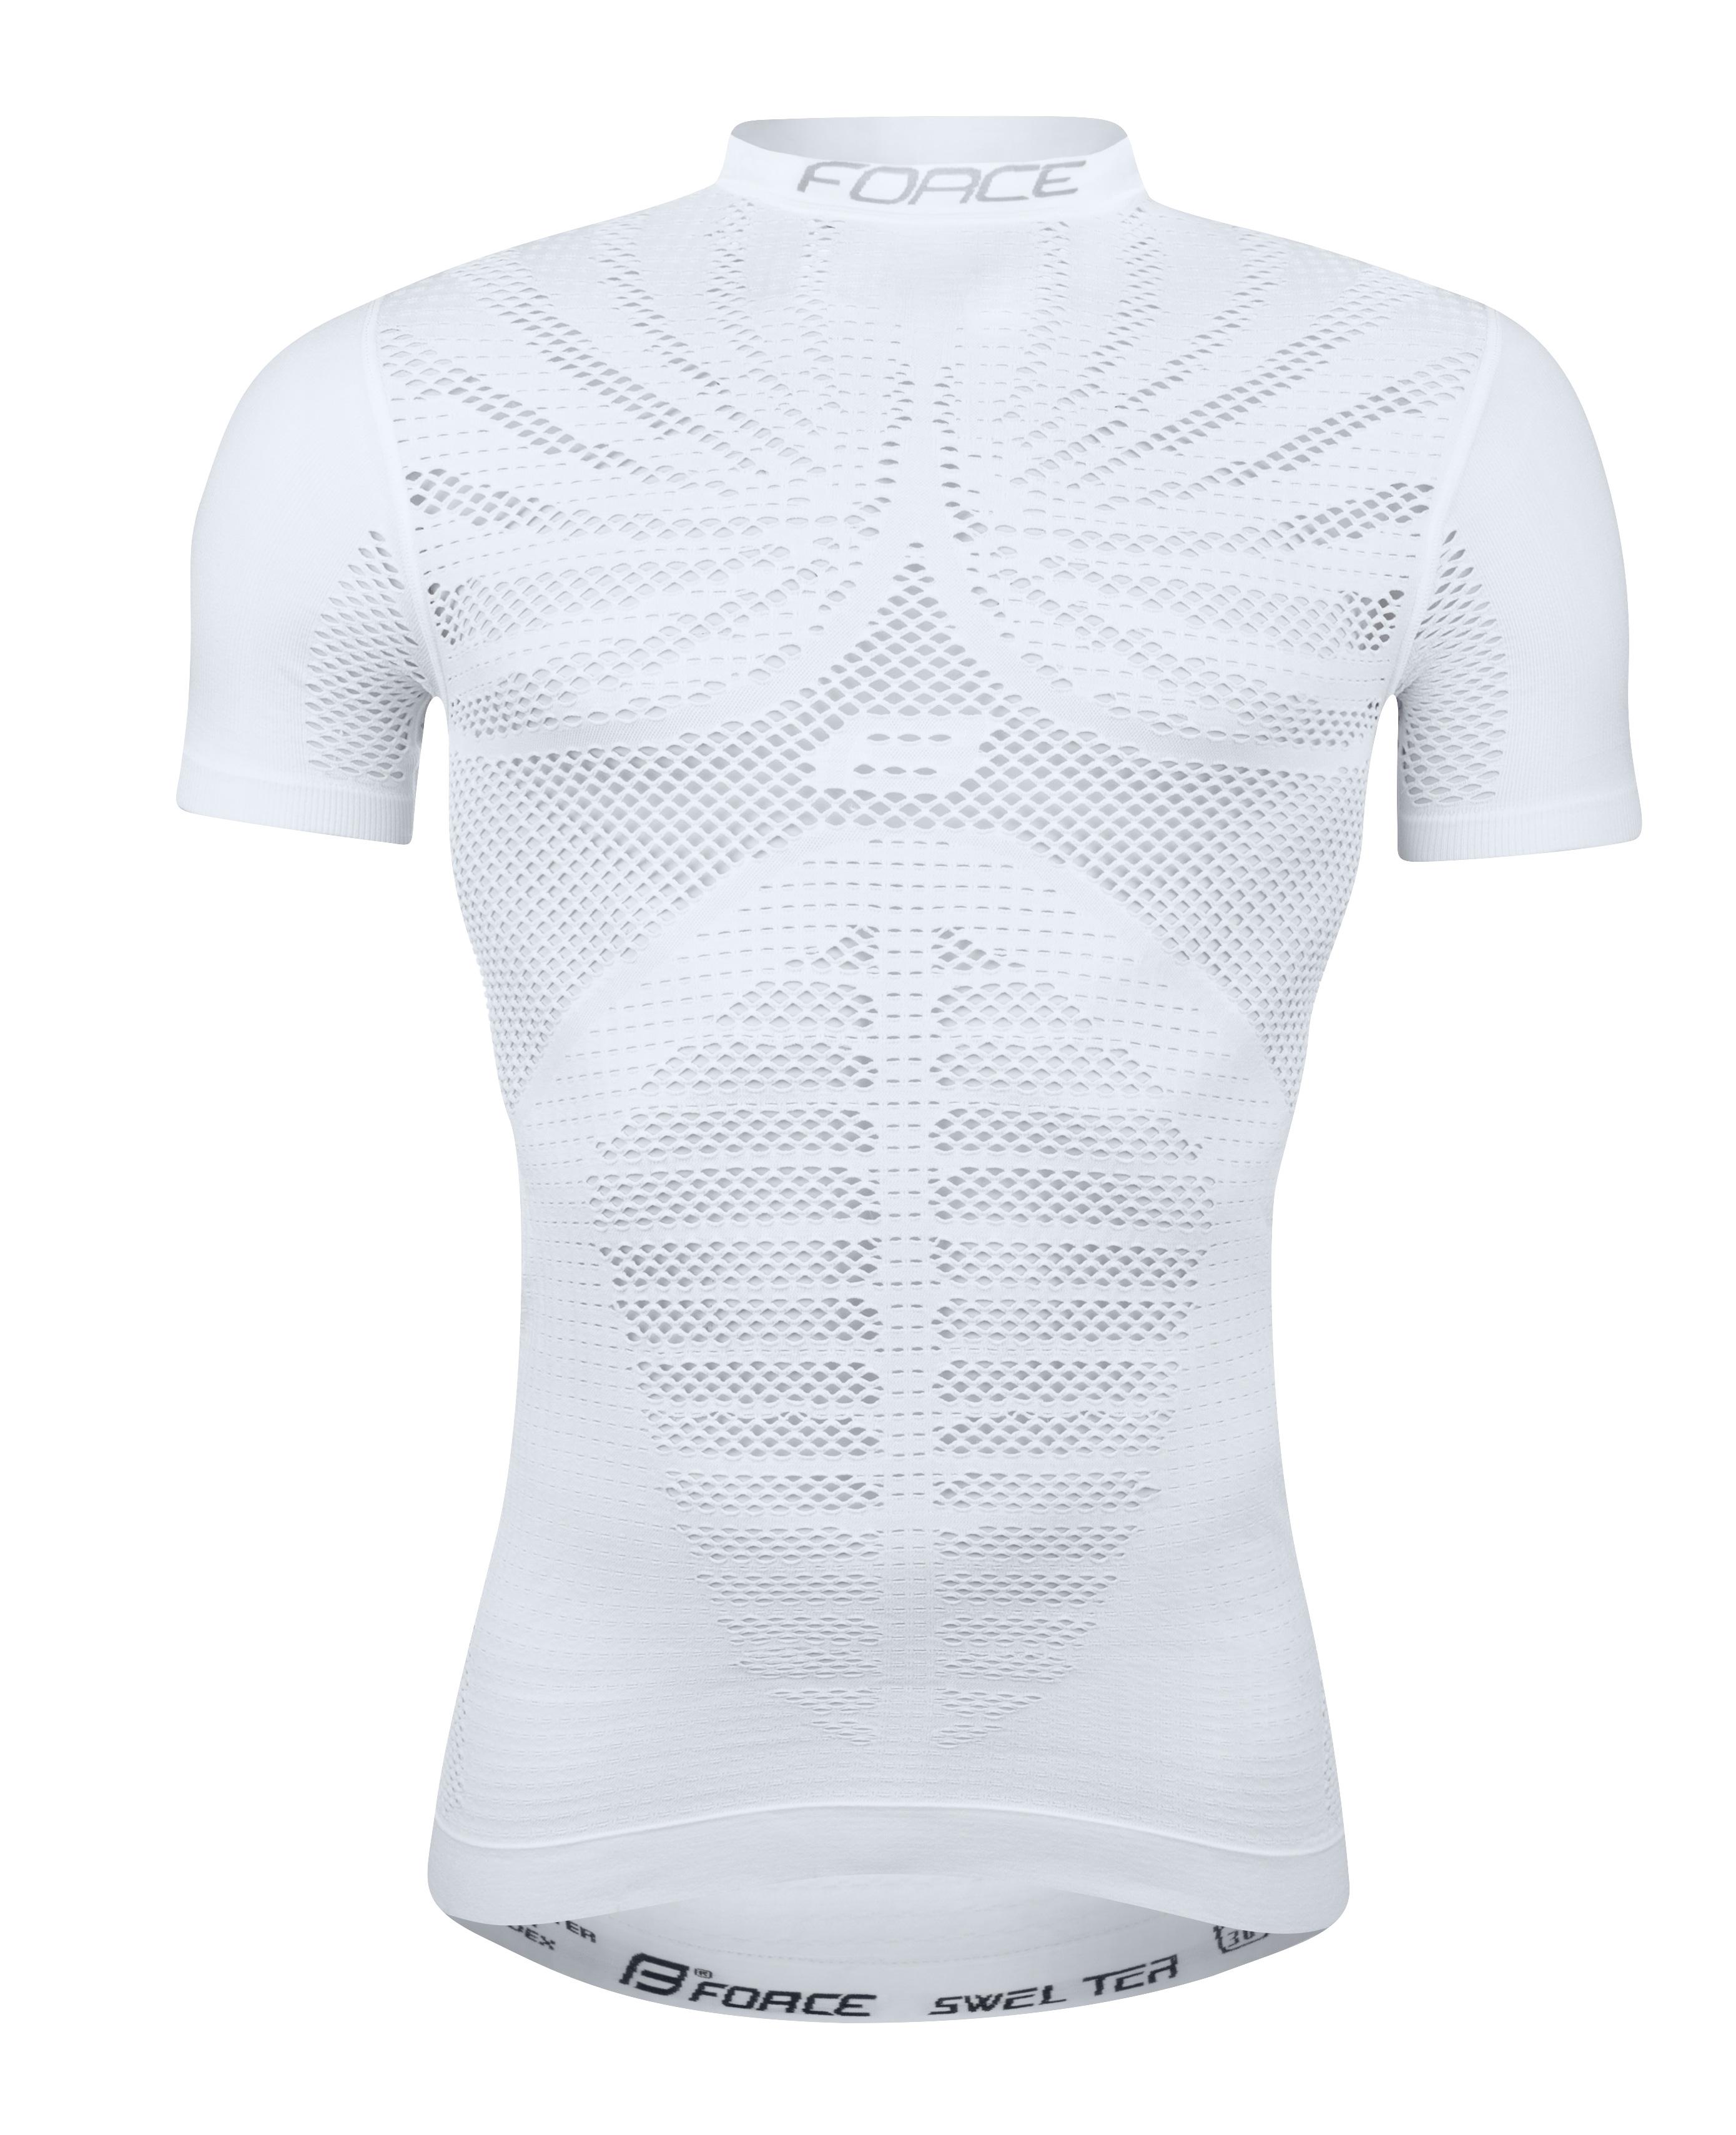 triko funkční  FORCE SWELTER krátký rukáv,bílé S-M